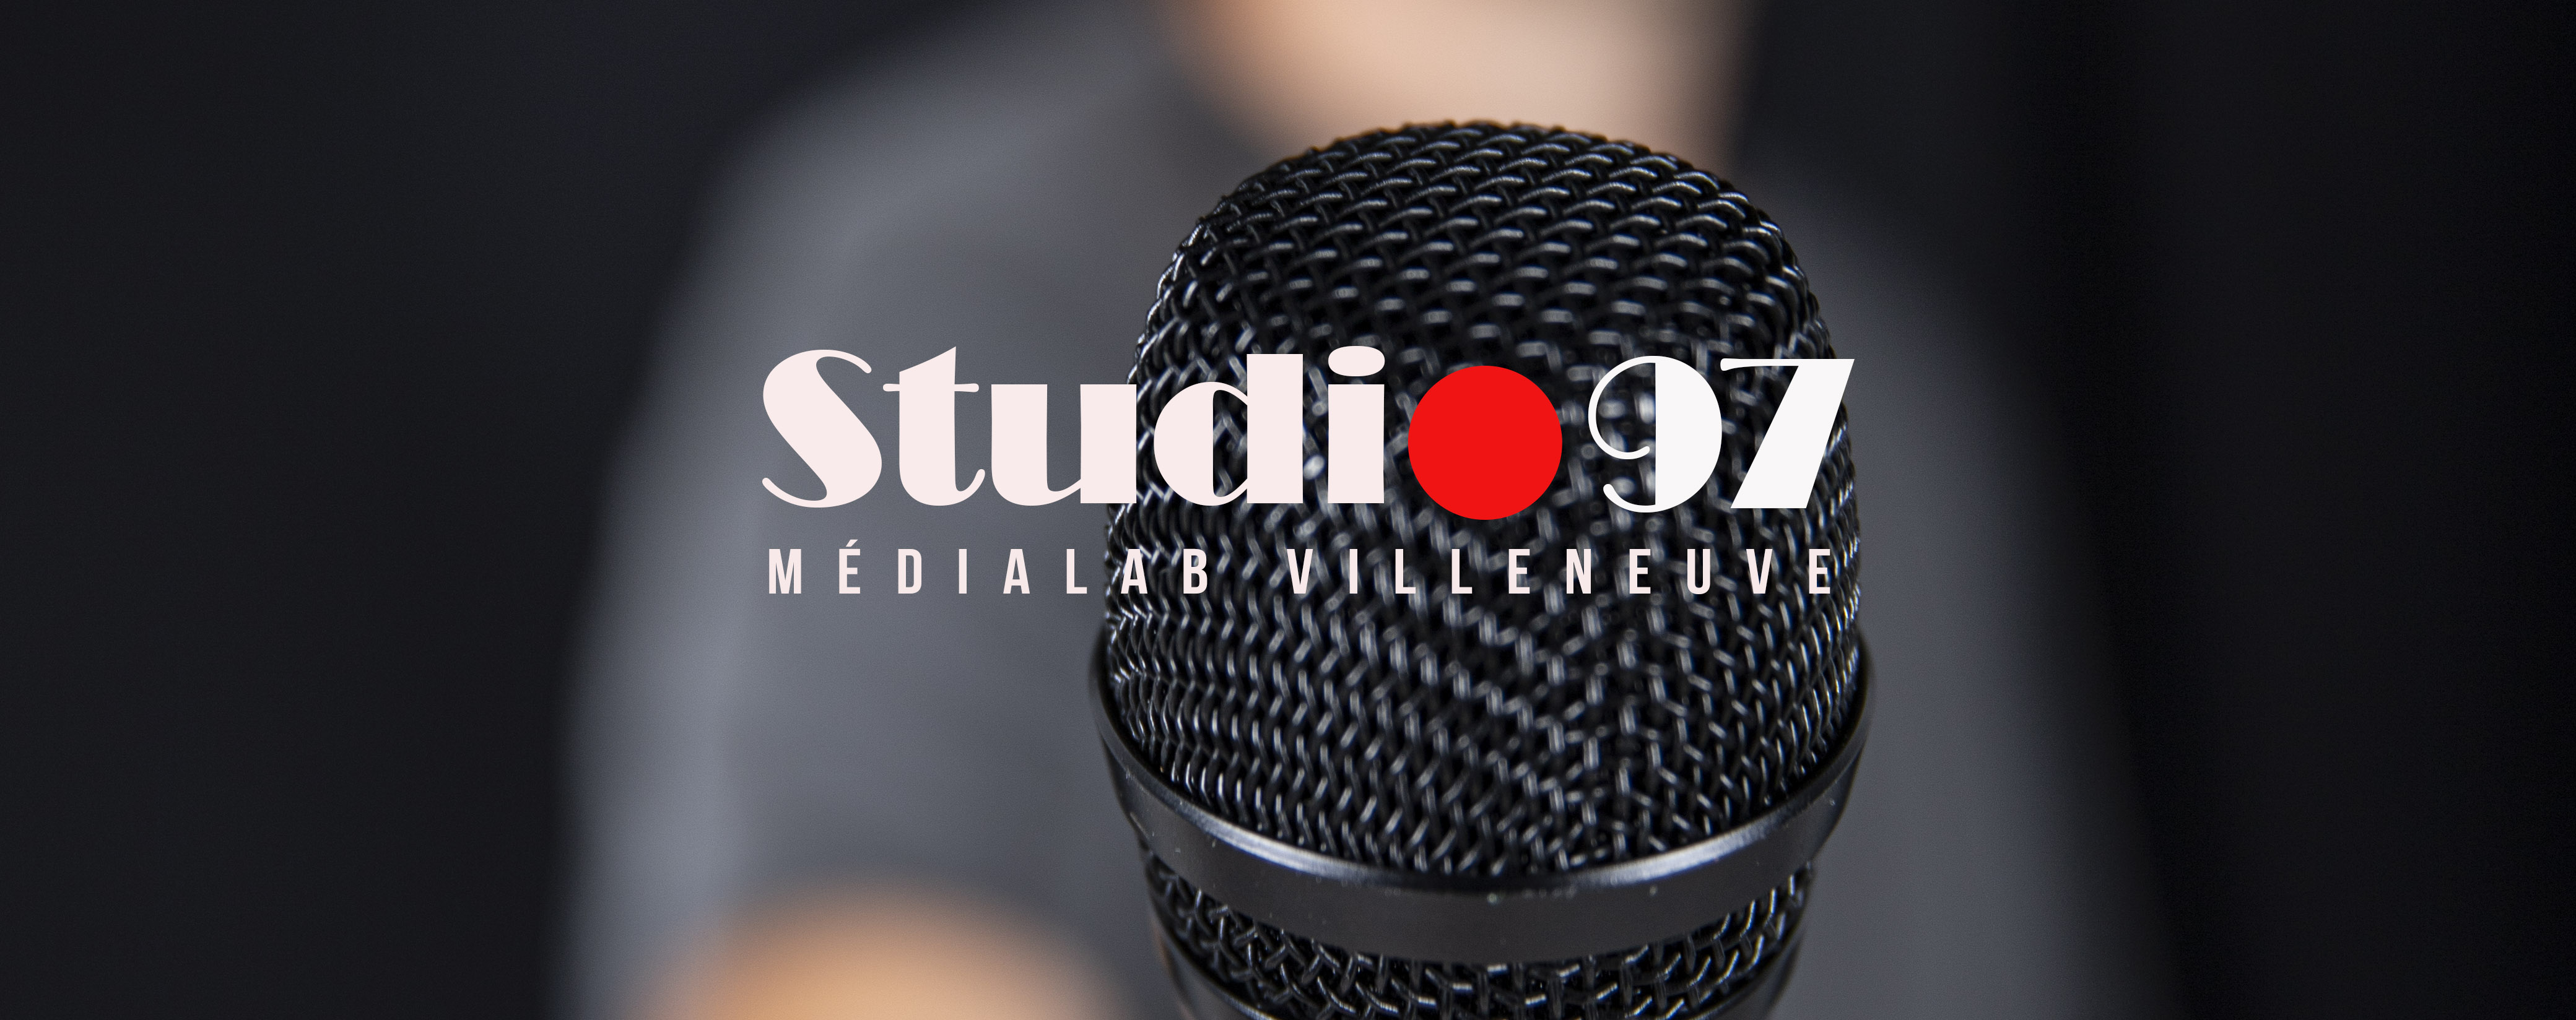 Studio 97